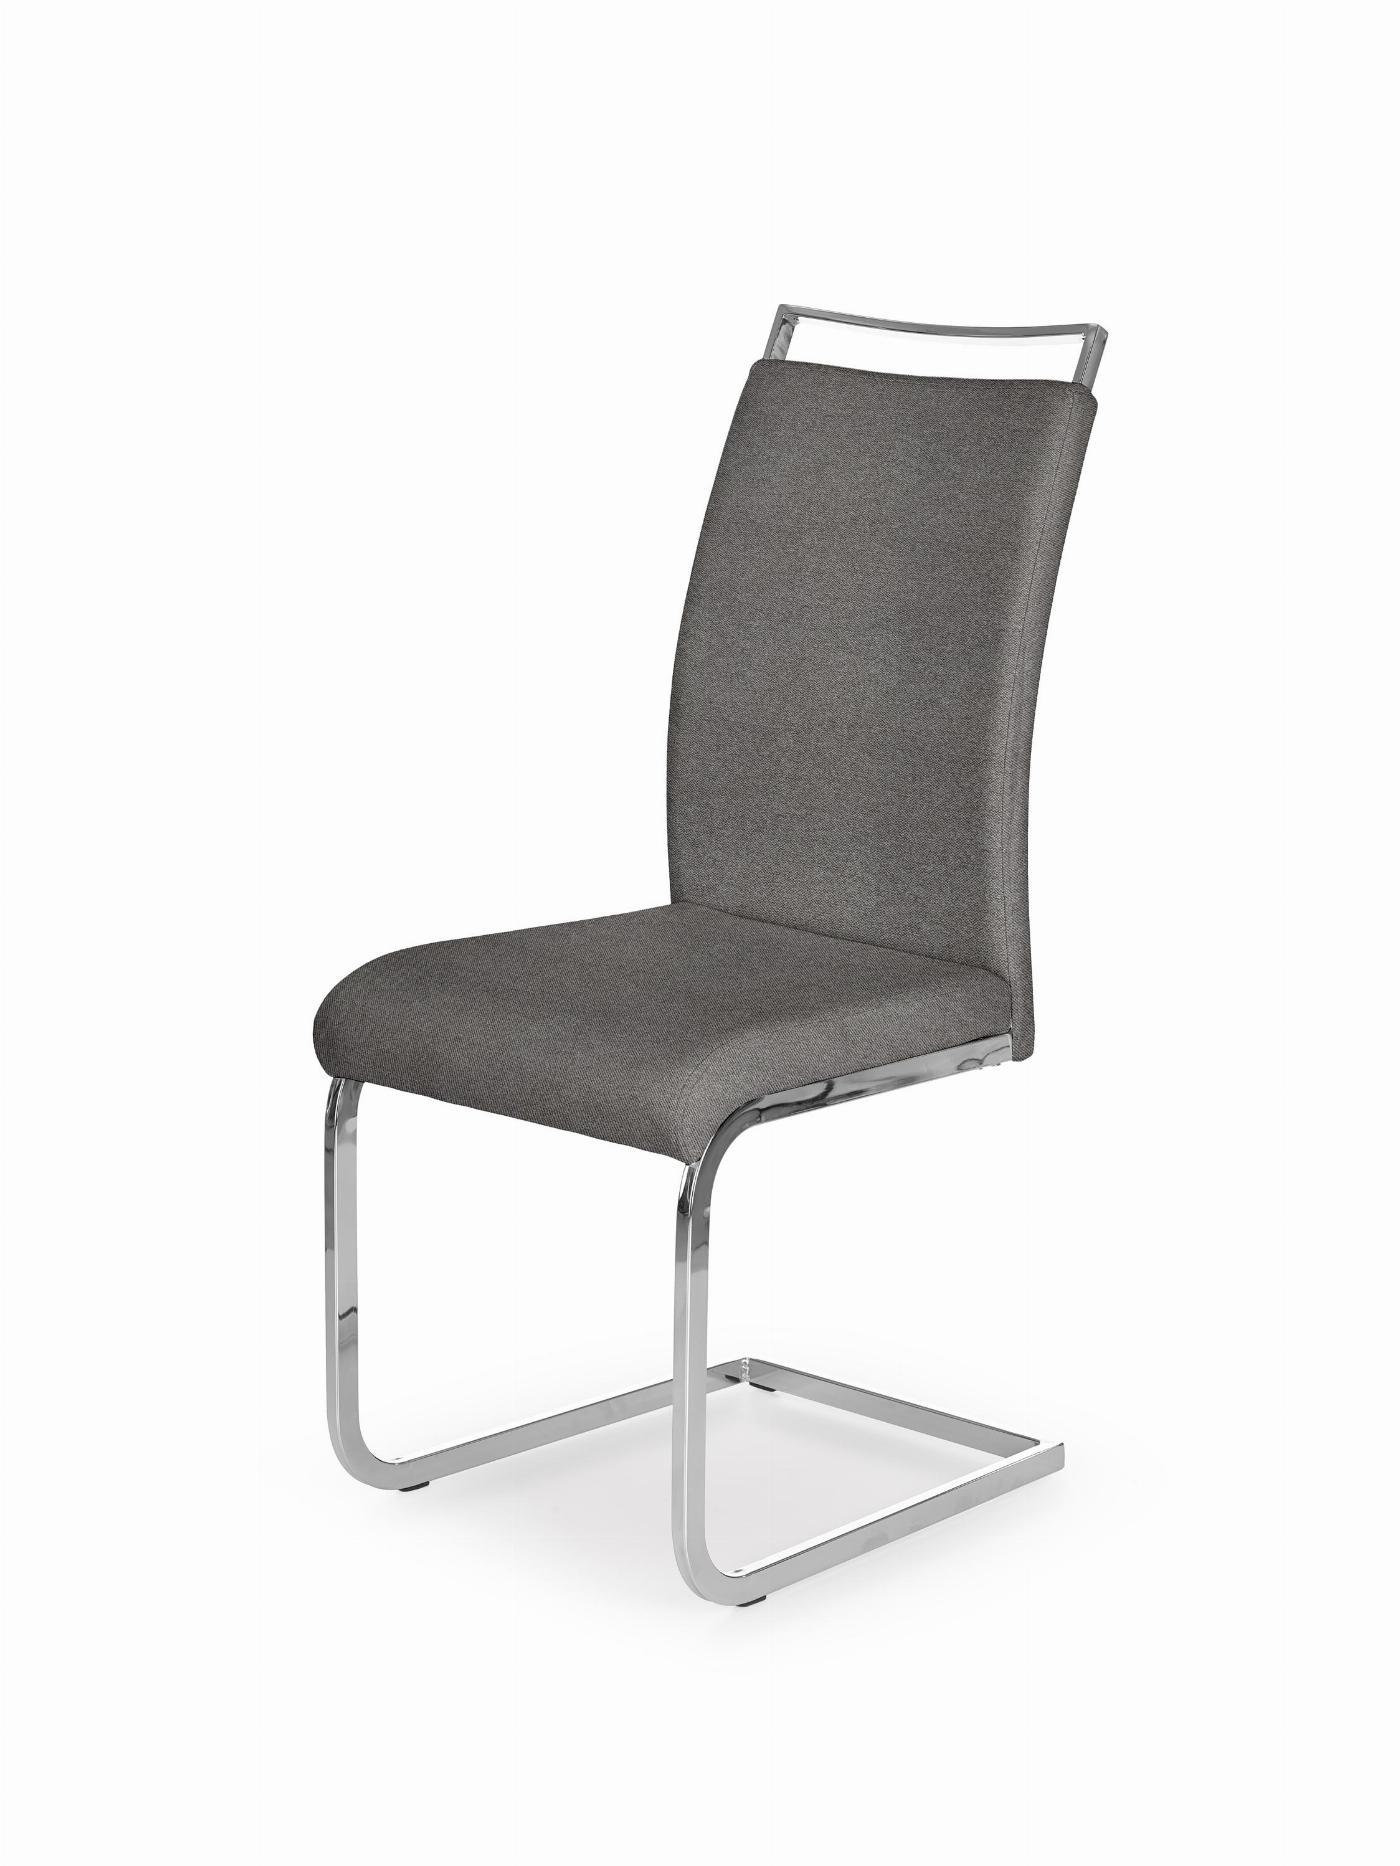 K348 krzesło popielate